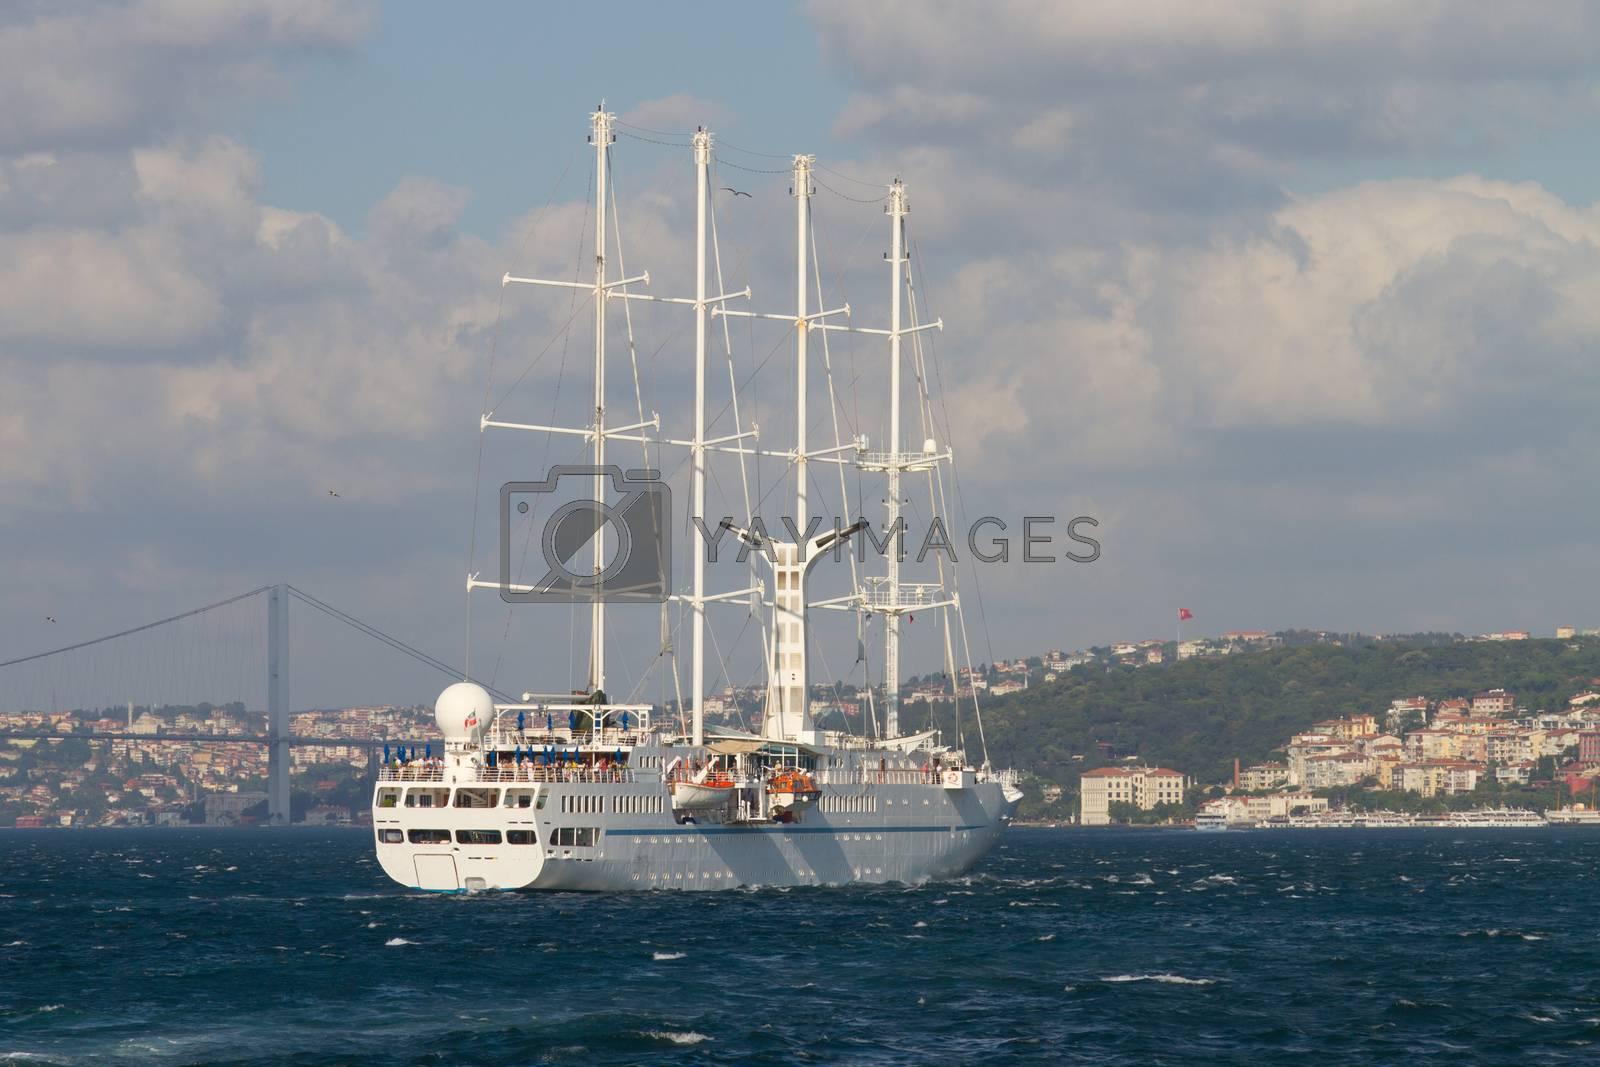 Royalty free image of Sailboat by EvrenKalinbacak